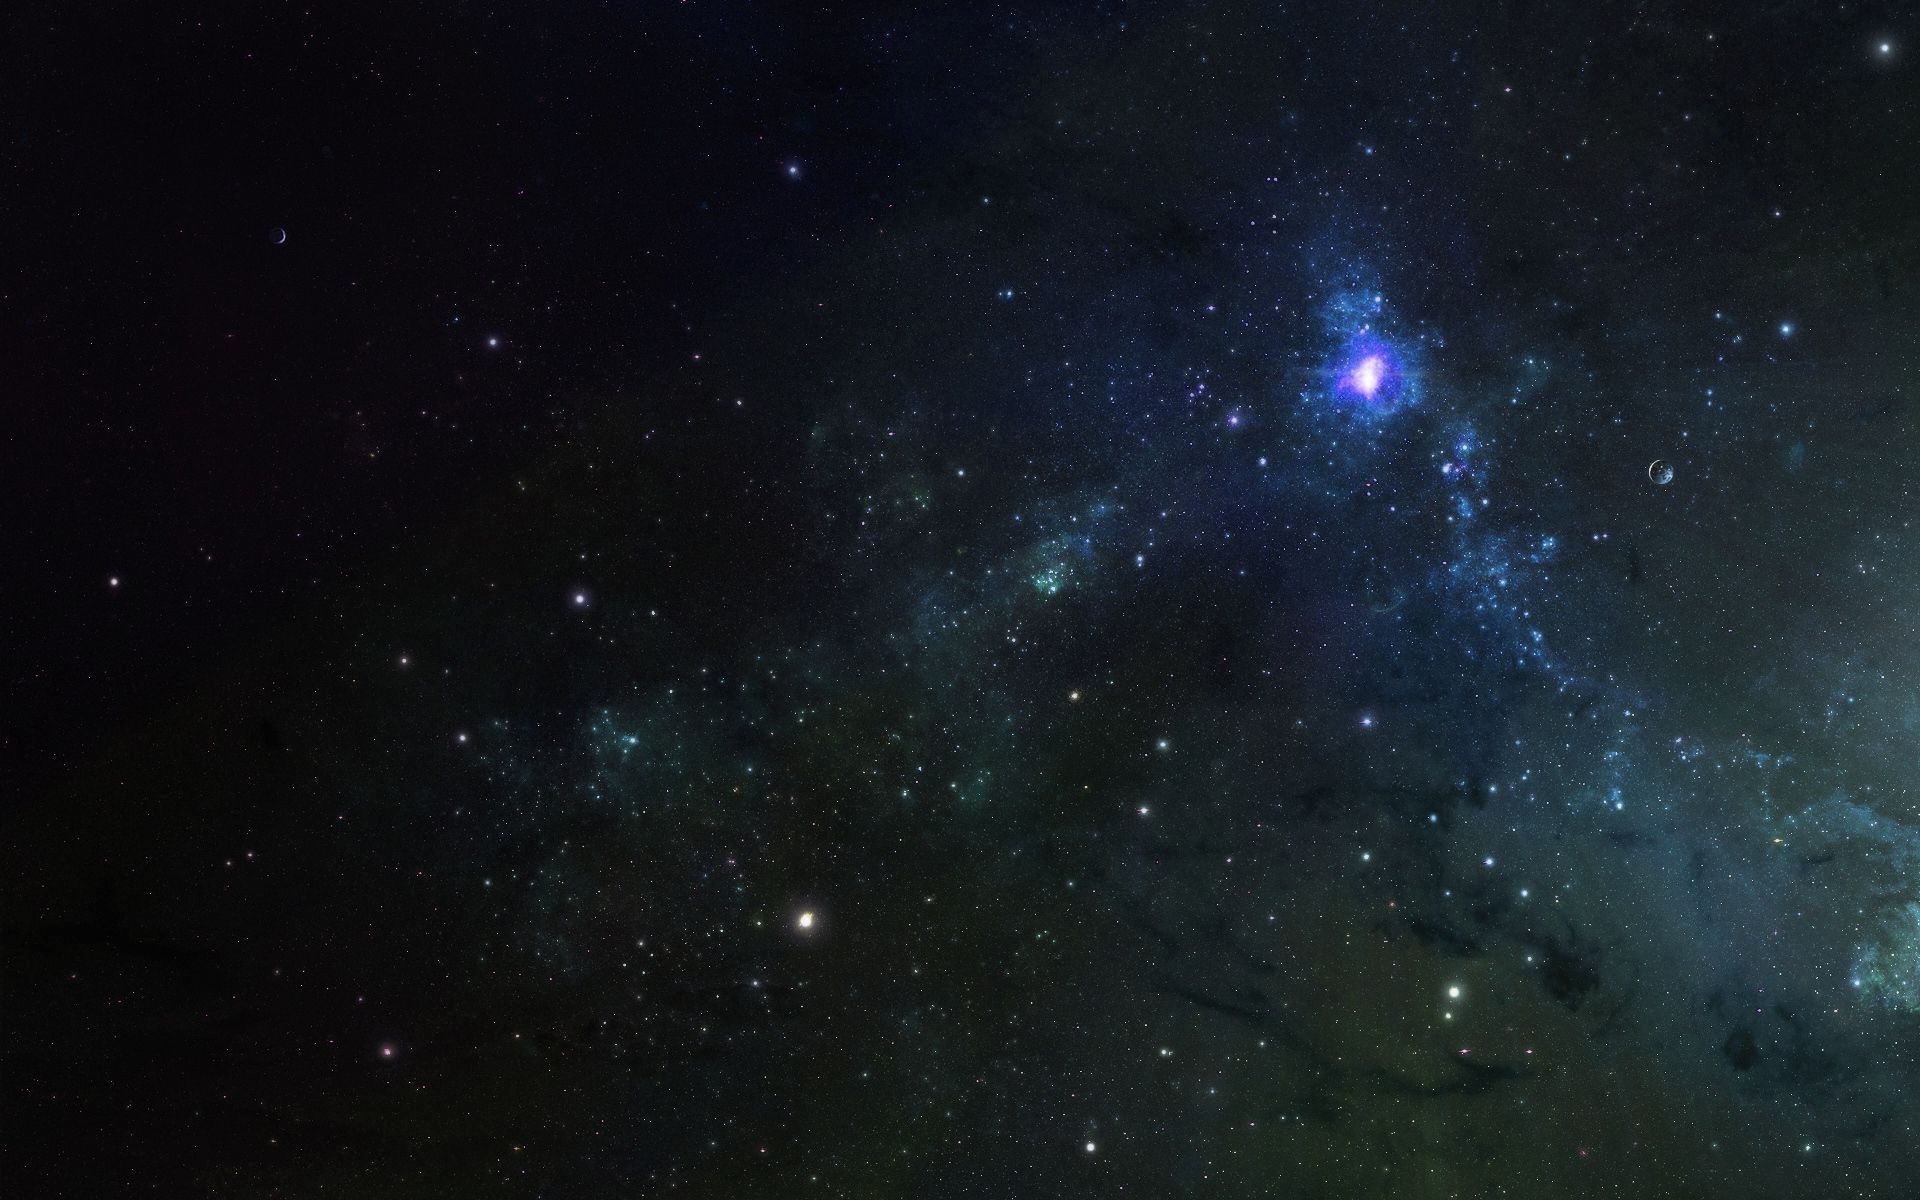 Space Wallpaper Hd Stars Widescreen